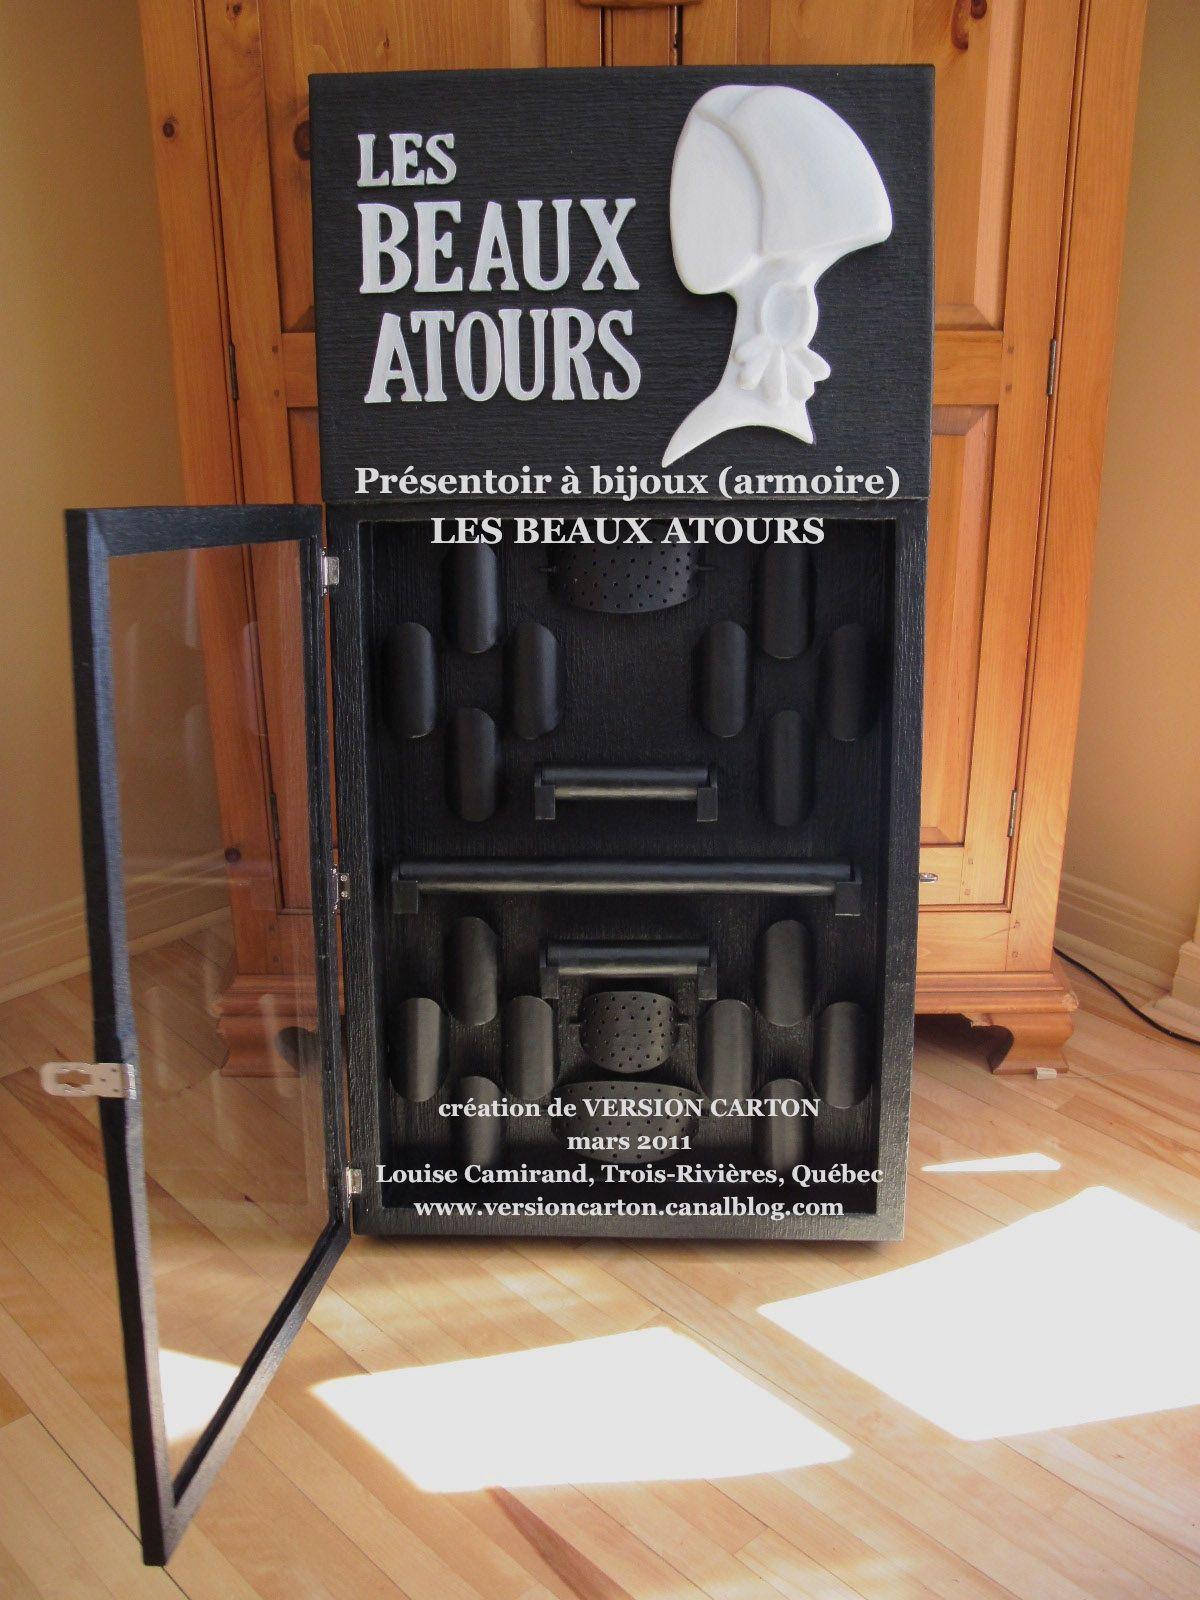 les beaux atours armoire pr sentoir bijoux en carton et papier m ch on peut y loger 16. Black Bedroom Furniture Sets. Home Design Ideas